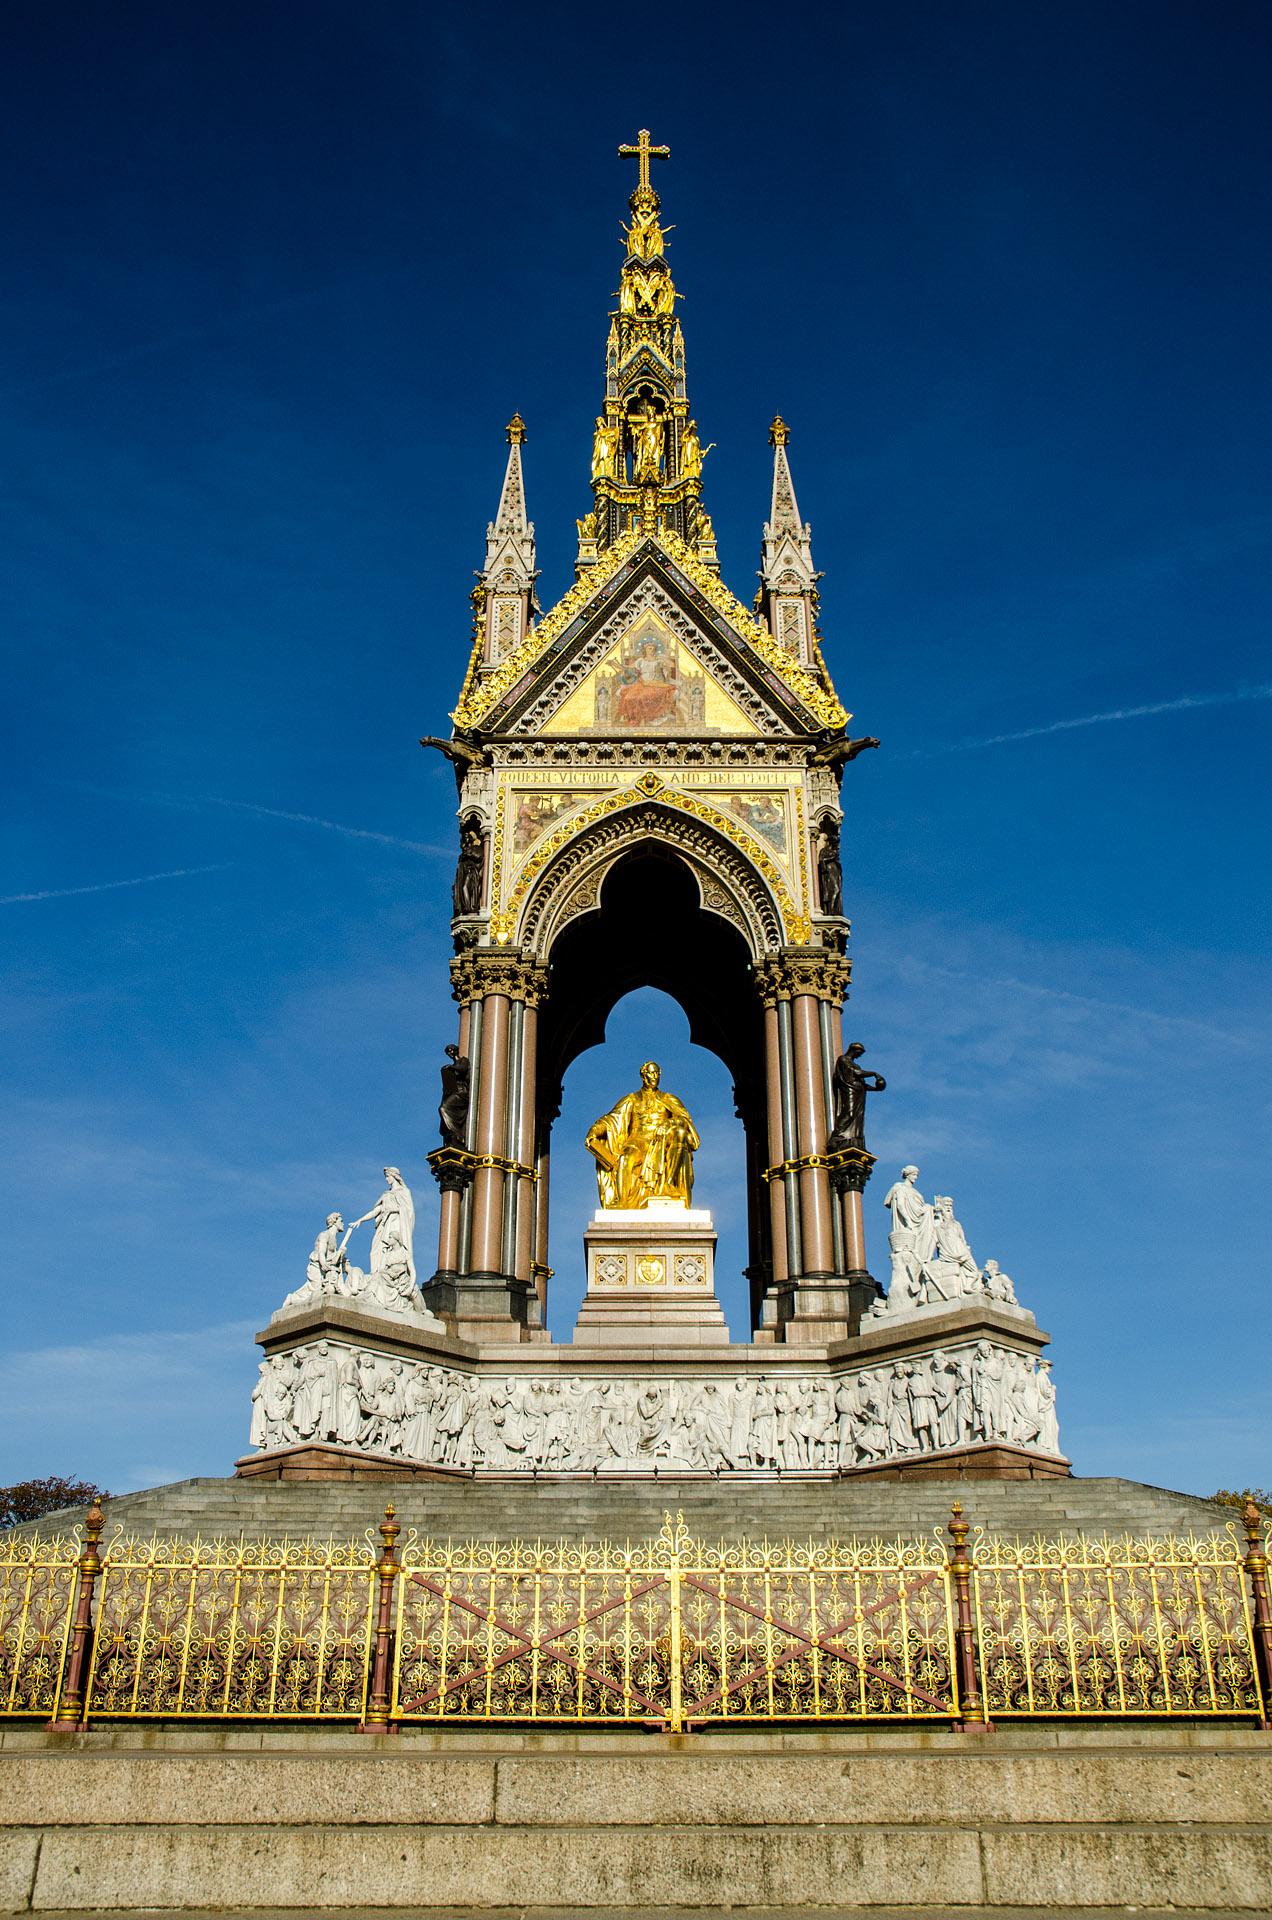 Albert Memorial (Kensington Gardens)